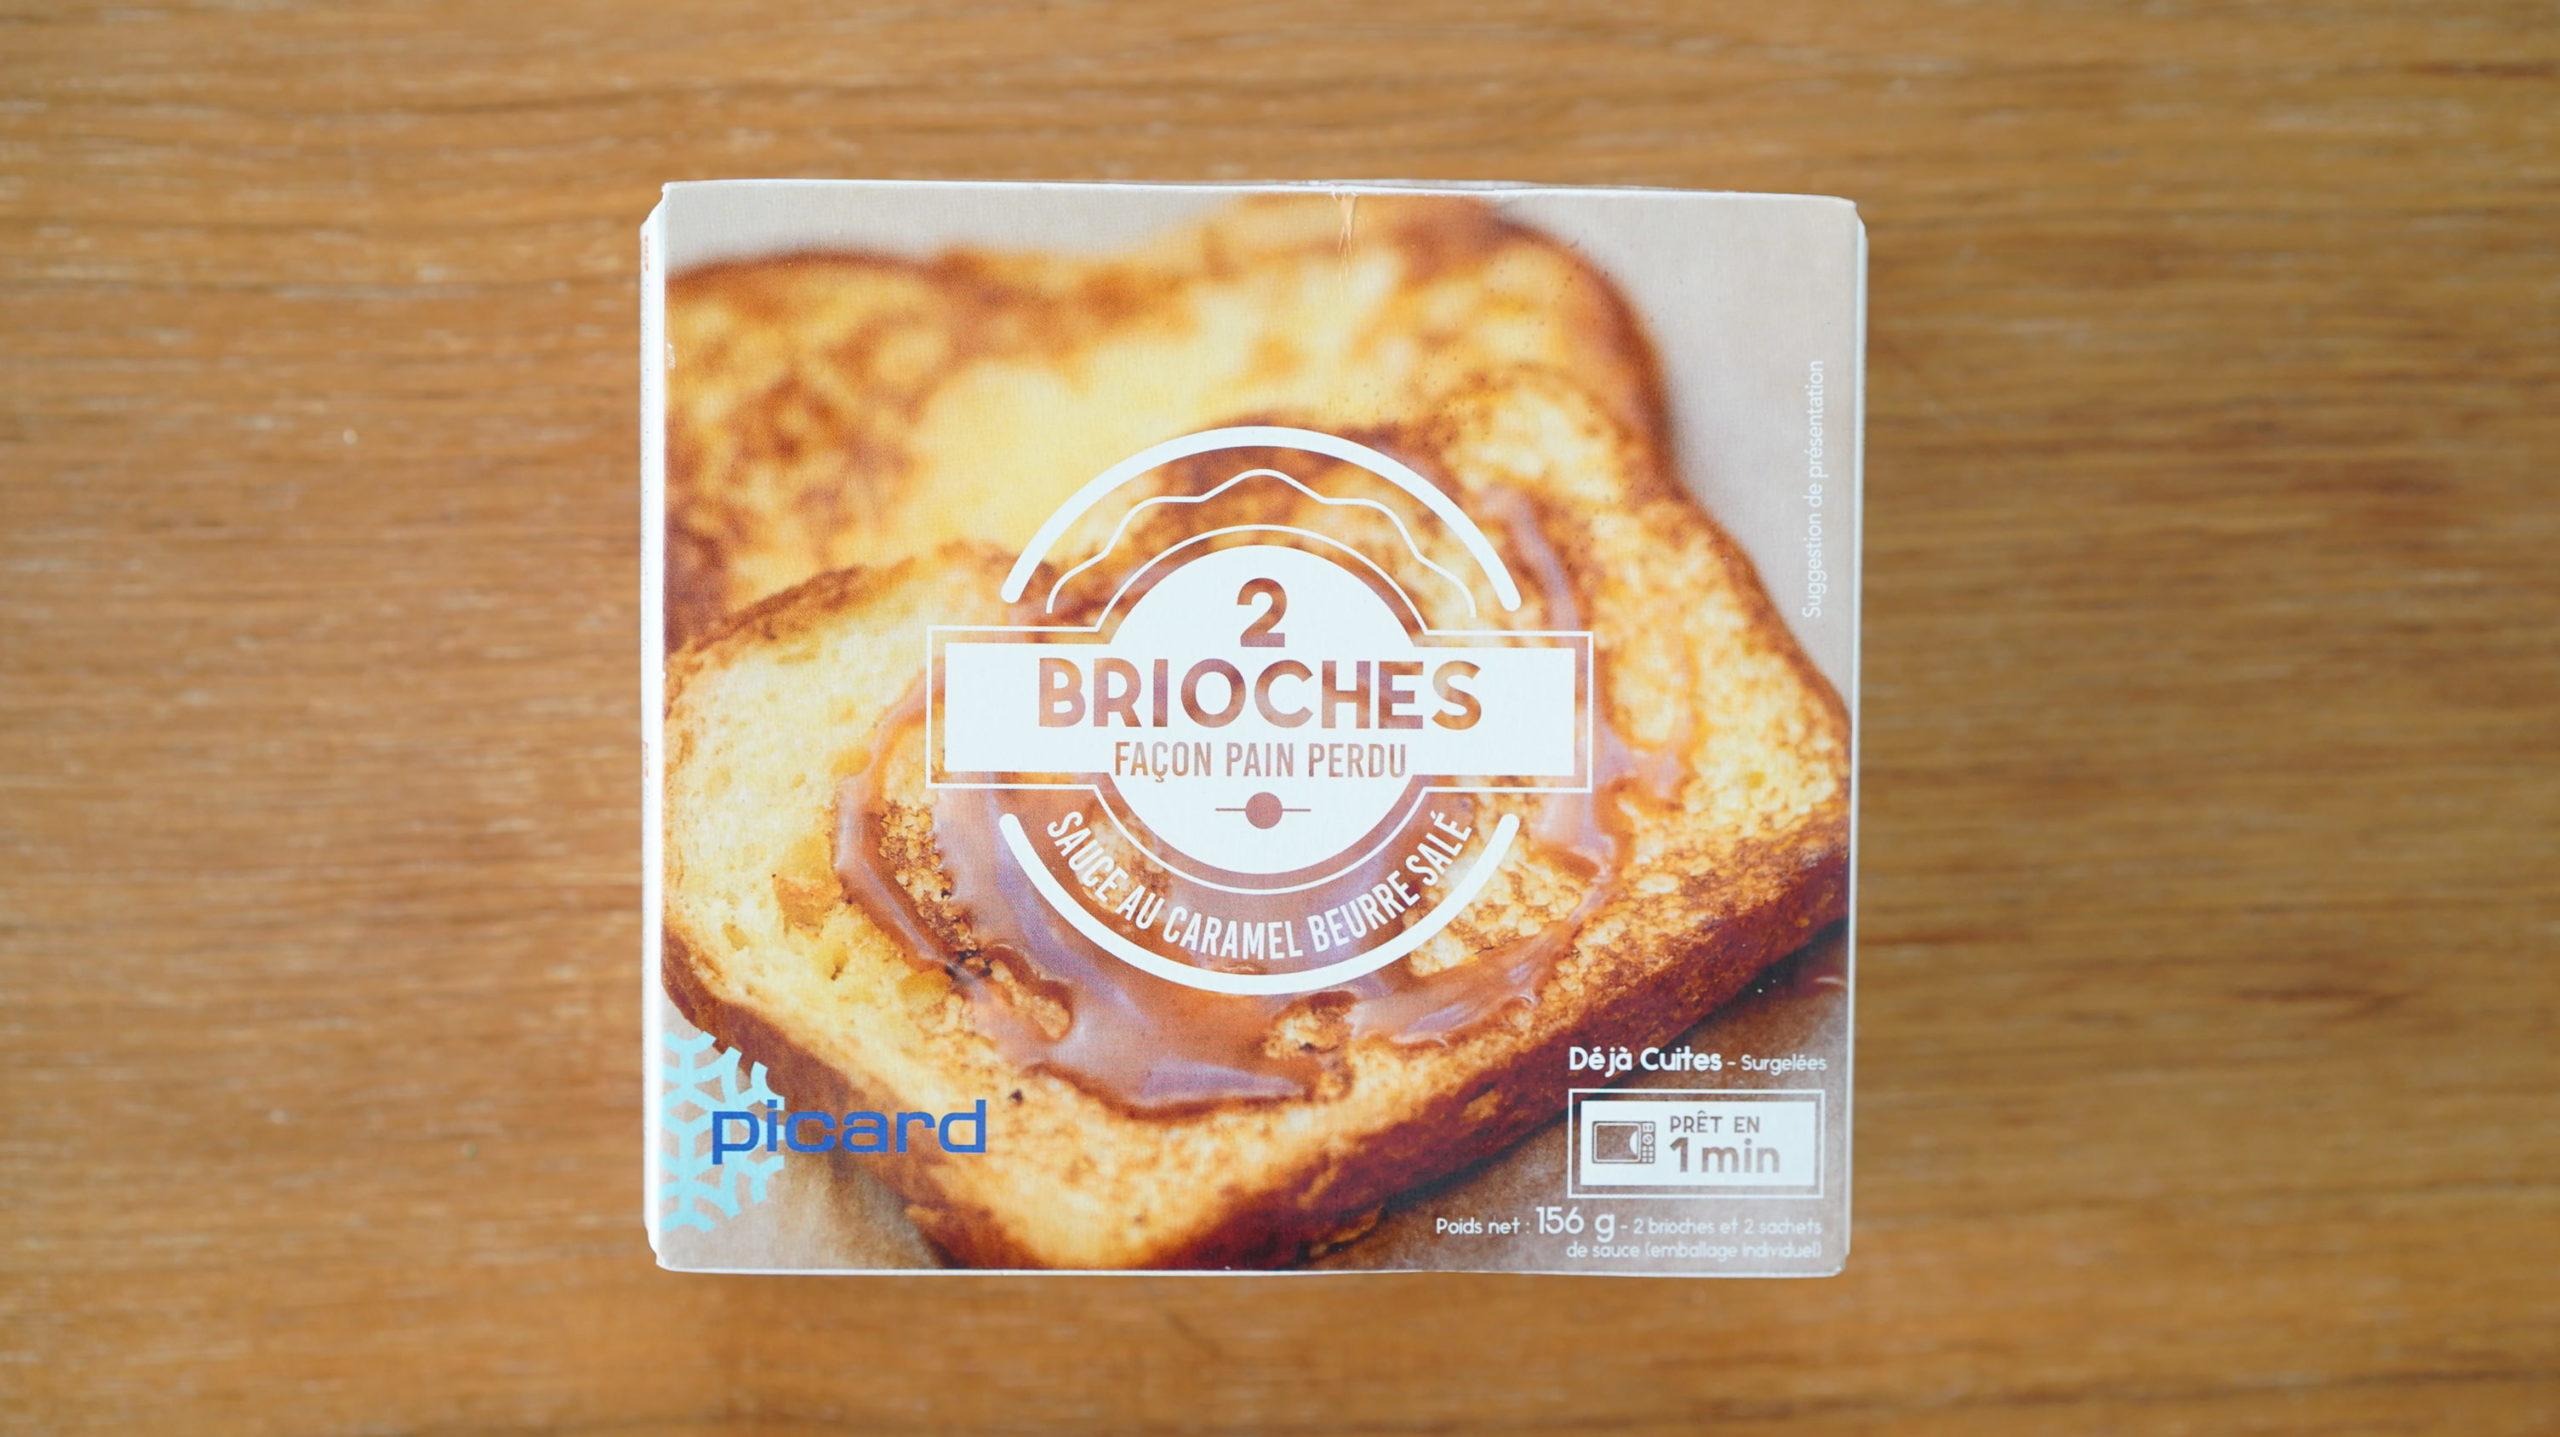 ピカールのおすすめ冷凍食品「ブリオッシュのフレンチトースト」のパッケージ写真